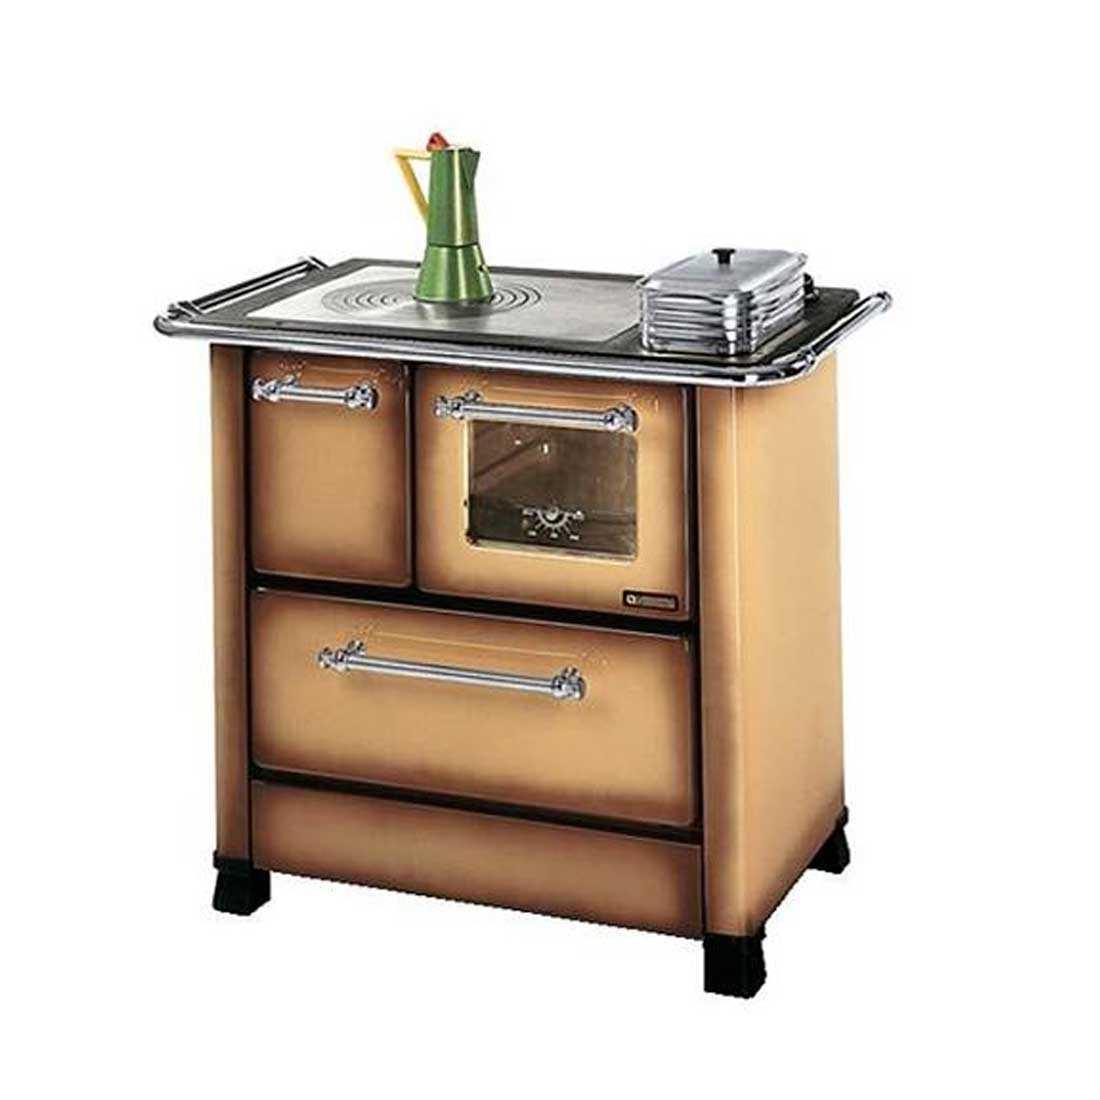 Cucina a legna marrone modello Romantica 4,5 di Nordica potenza termica 6,0 Kw